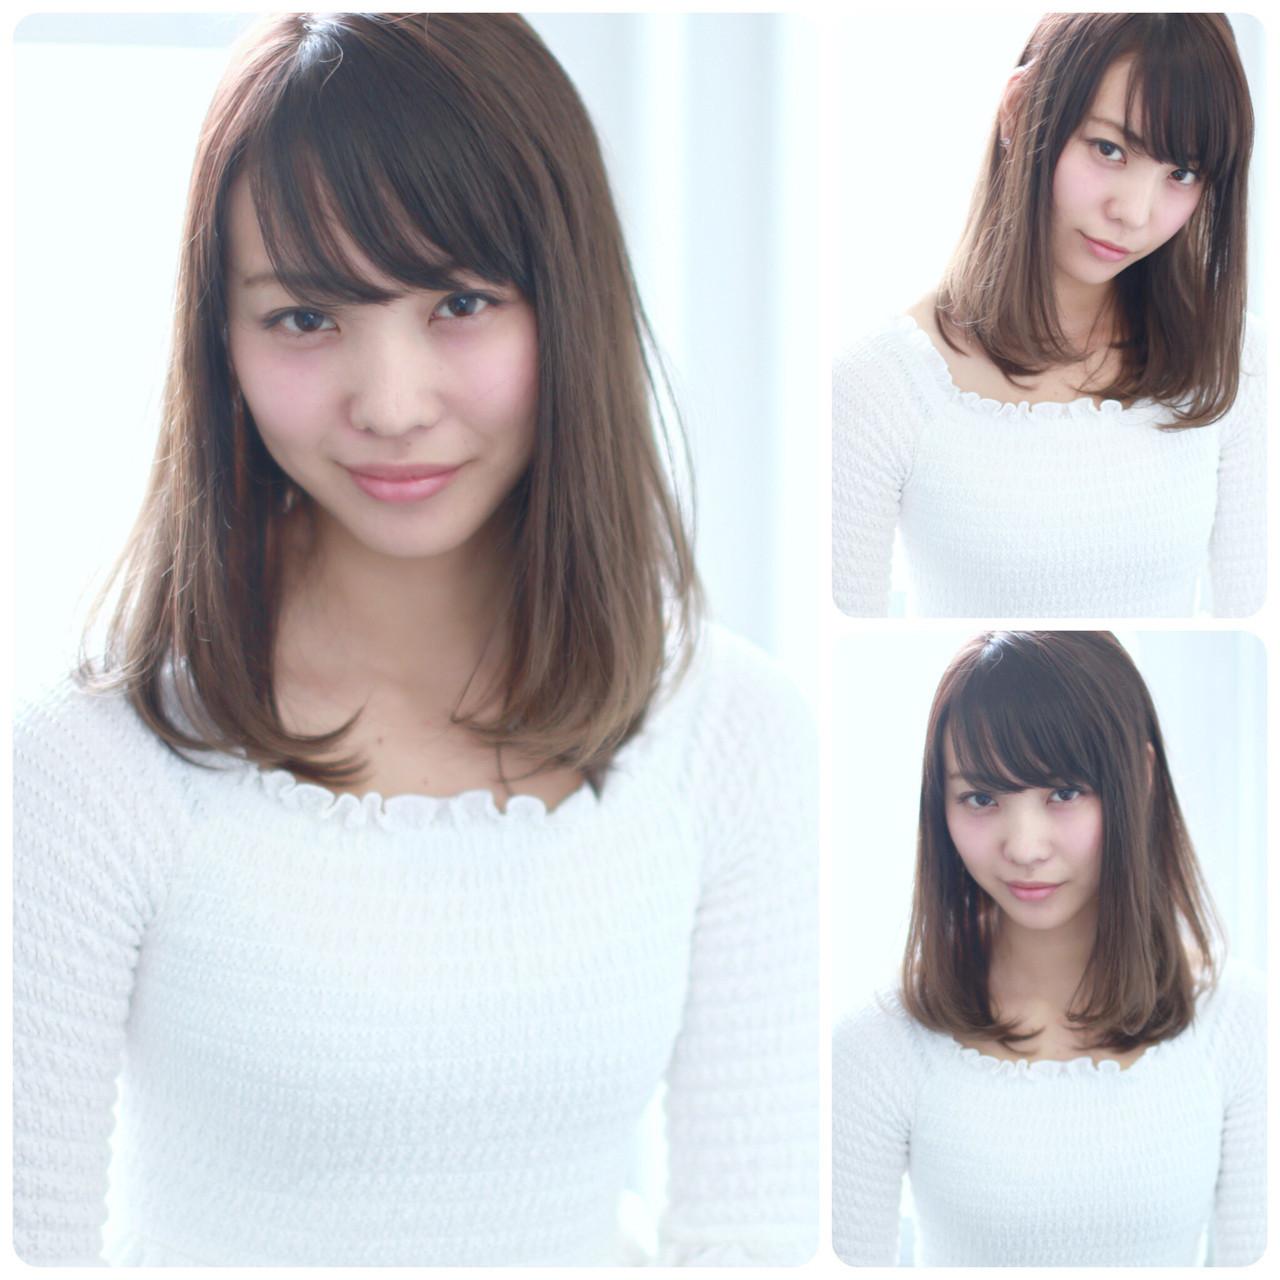 【顔型別】髪型に迷うなら顔の形で決める♡おすすめヘアスタイル集 イマムラ スナオ